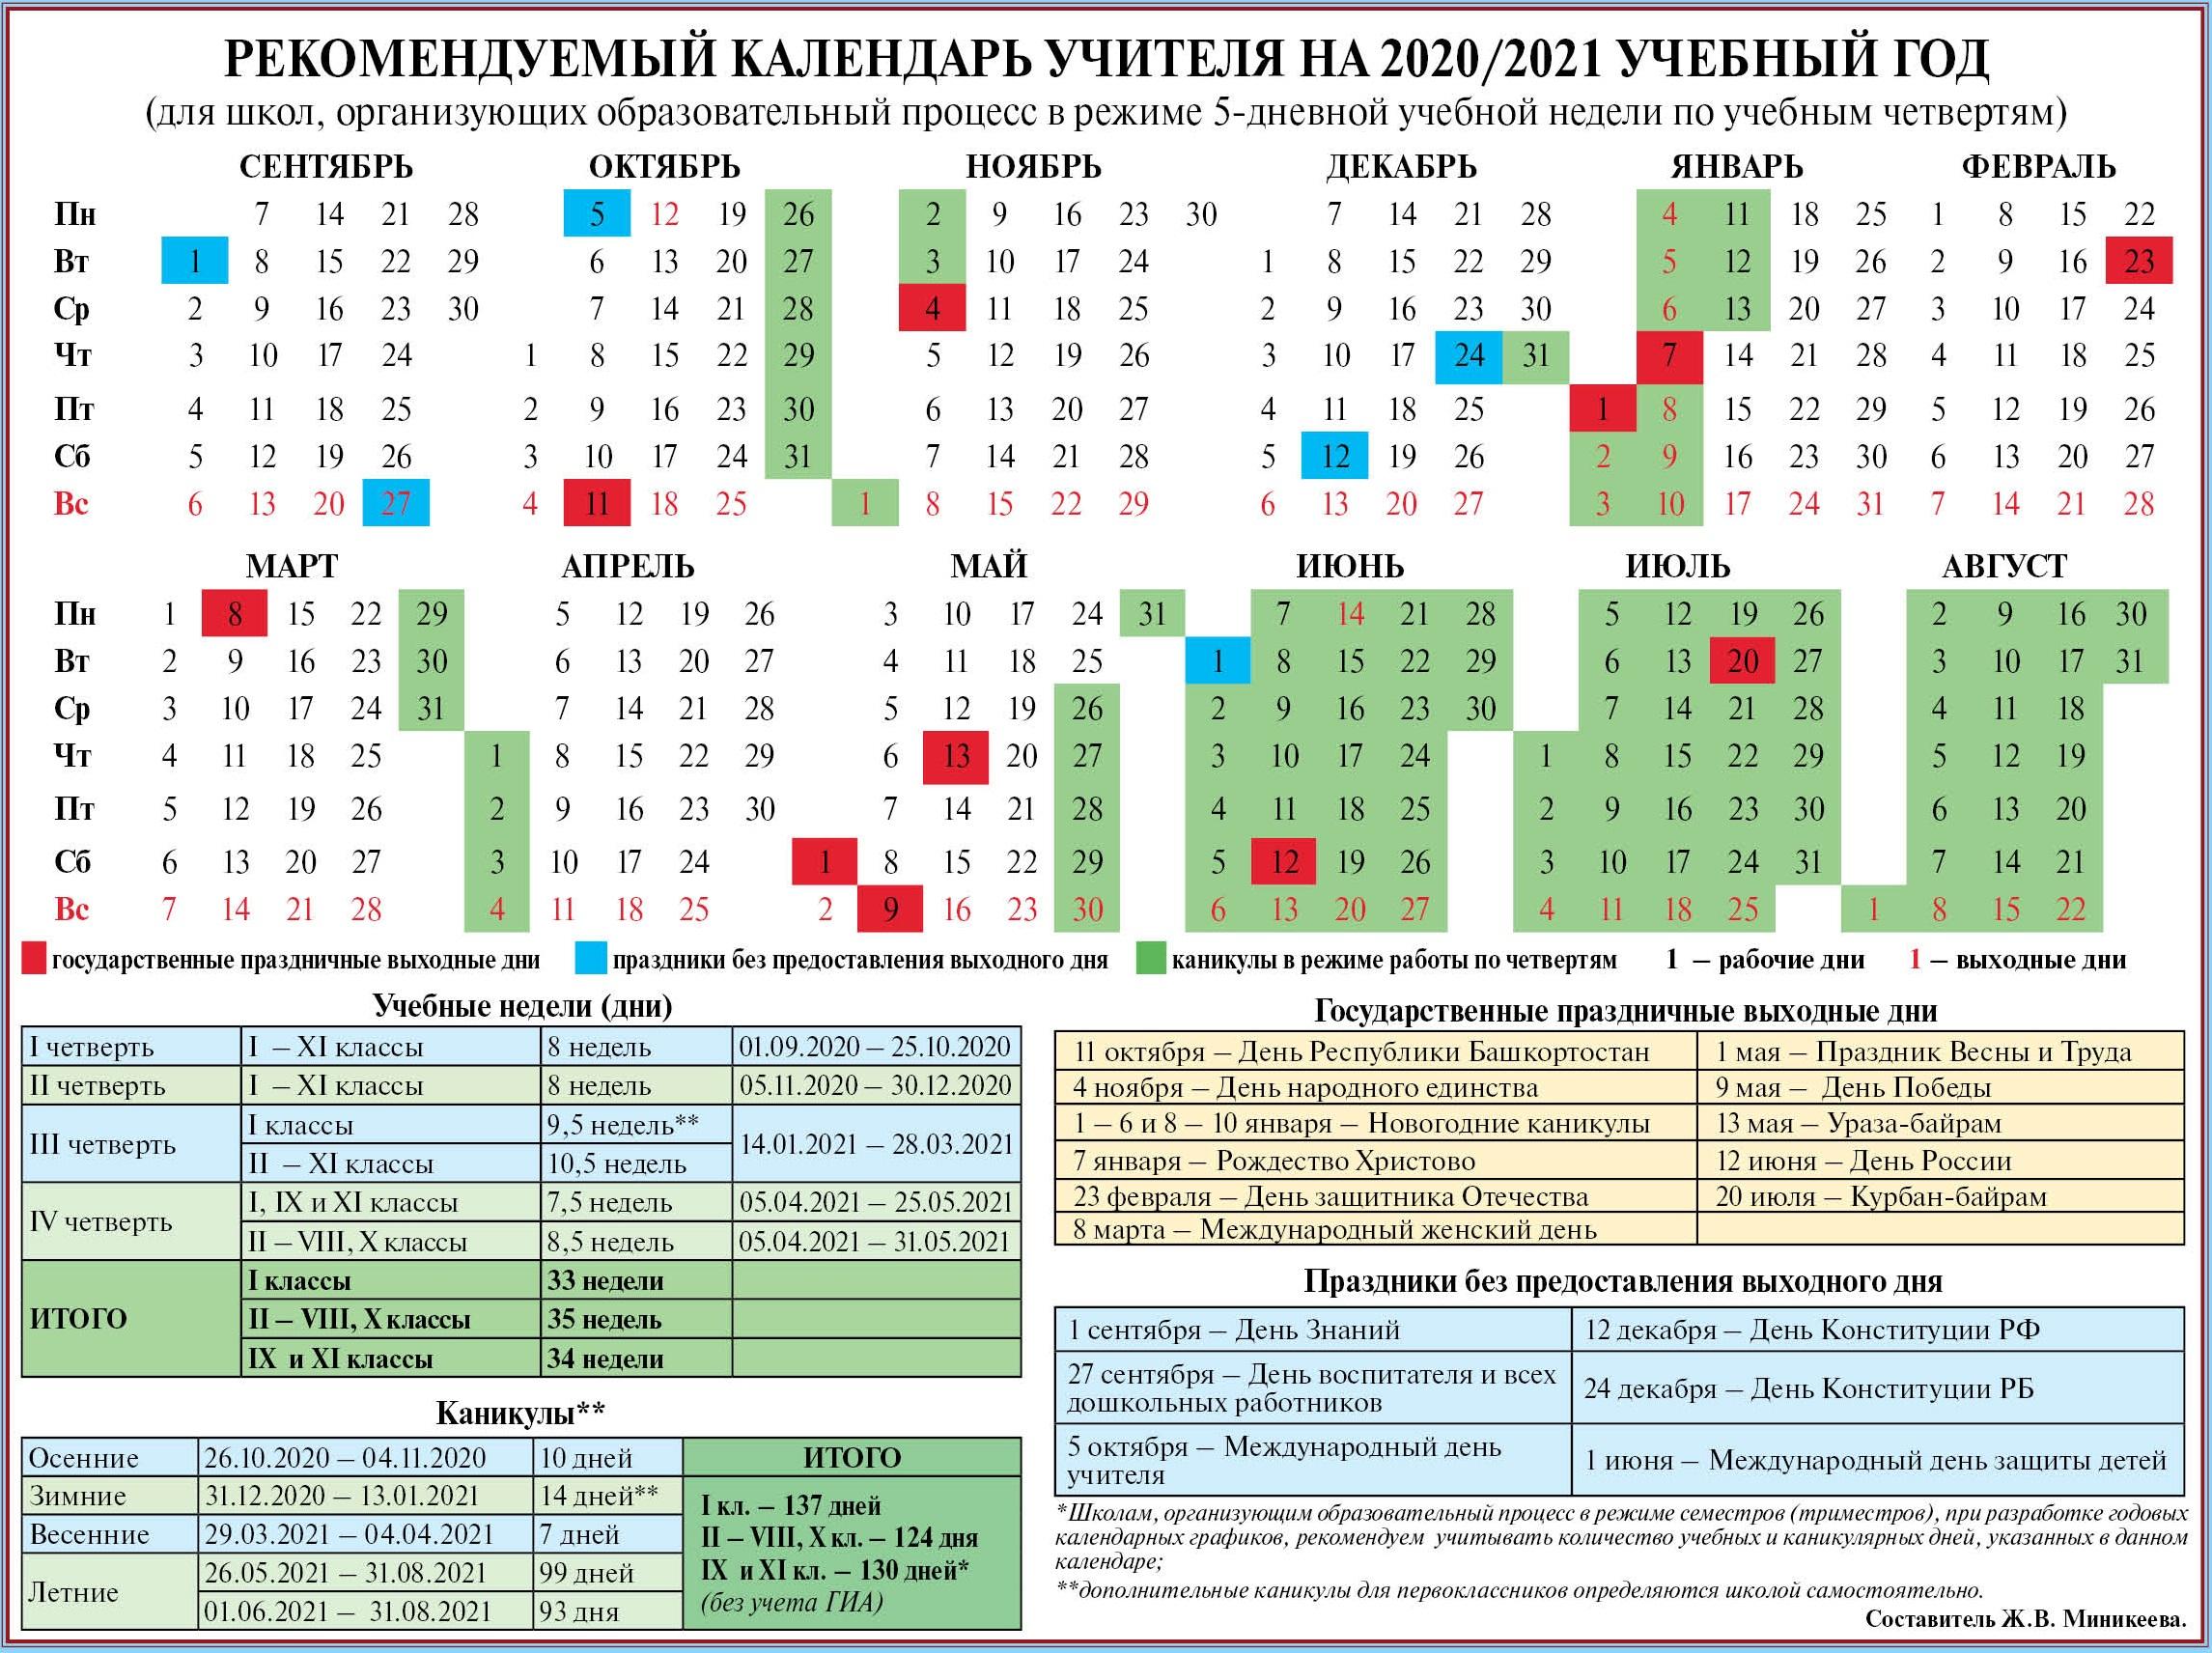 Календарь Учителя На 2020/2021 Год